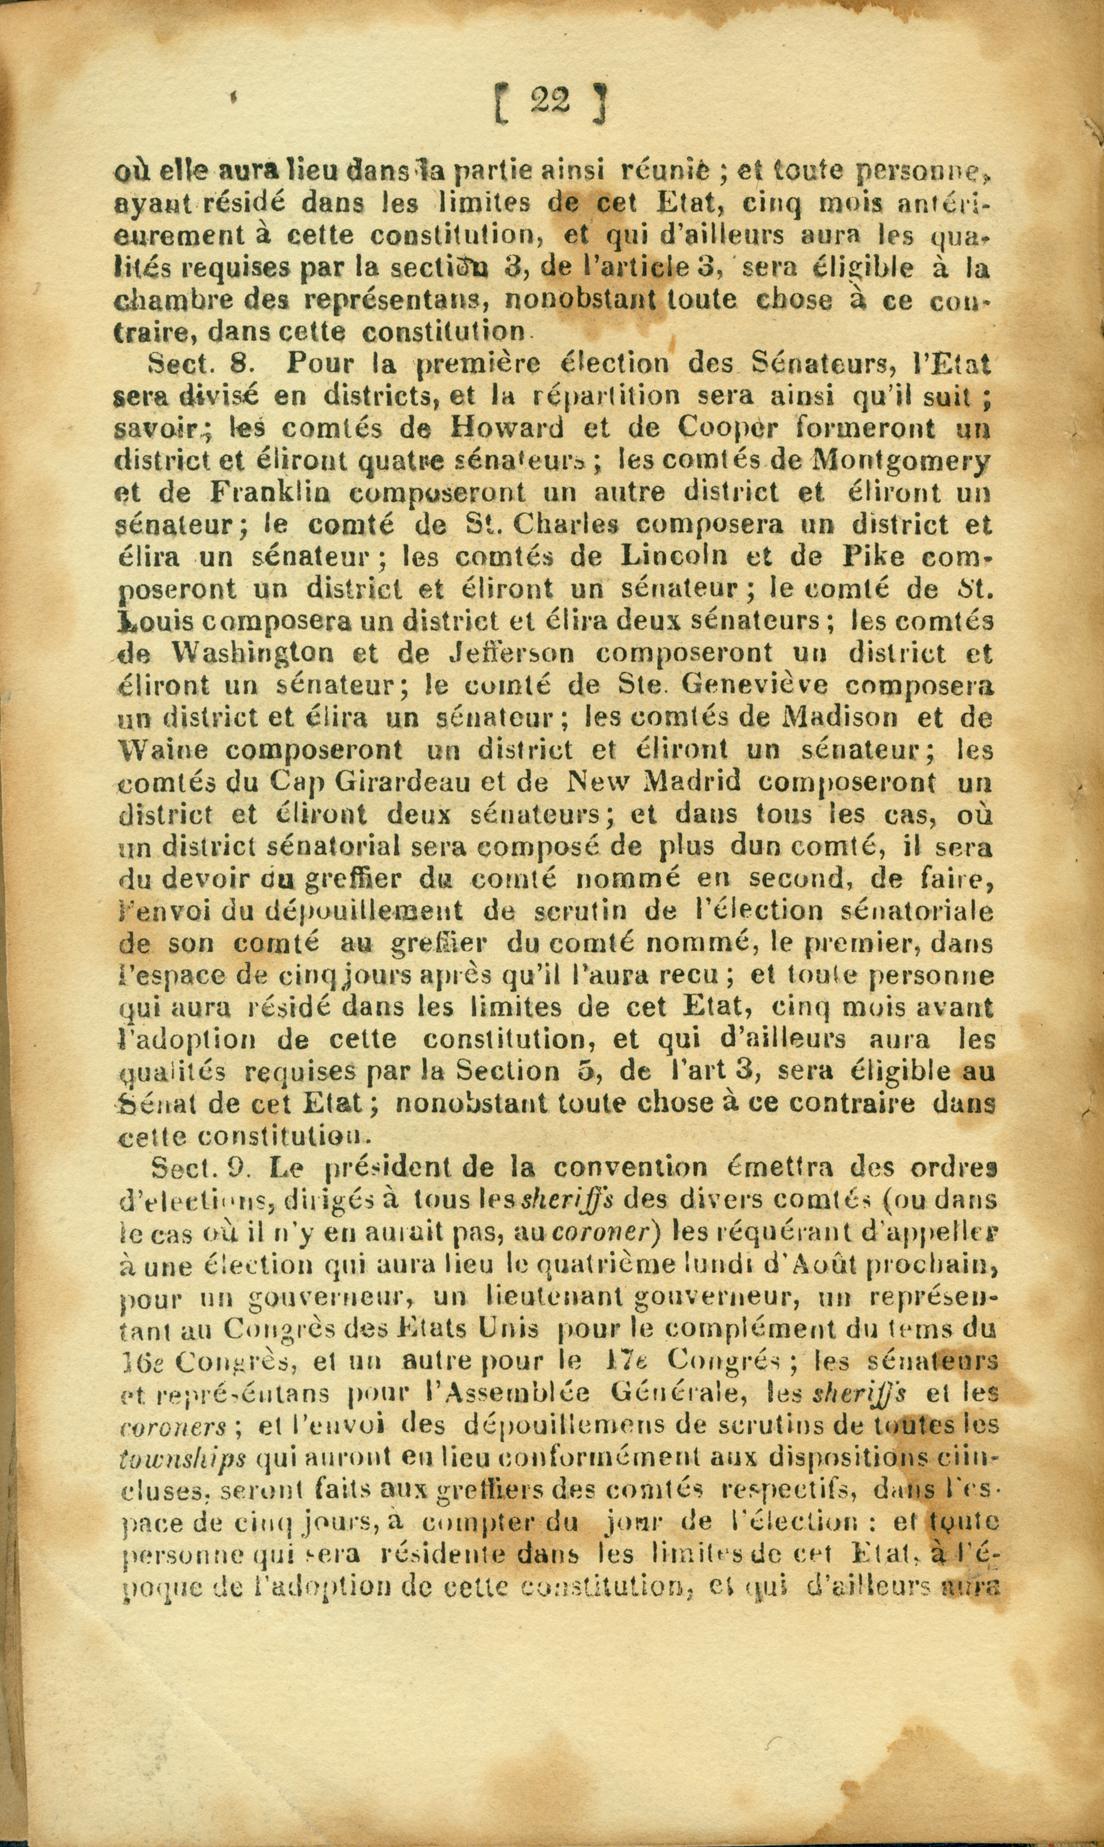 File:Constitution de L'etat du Missouri  1820  p  22